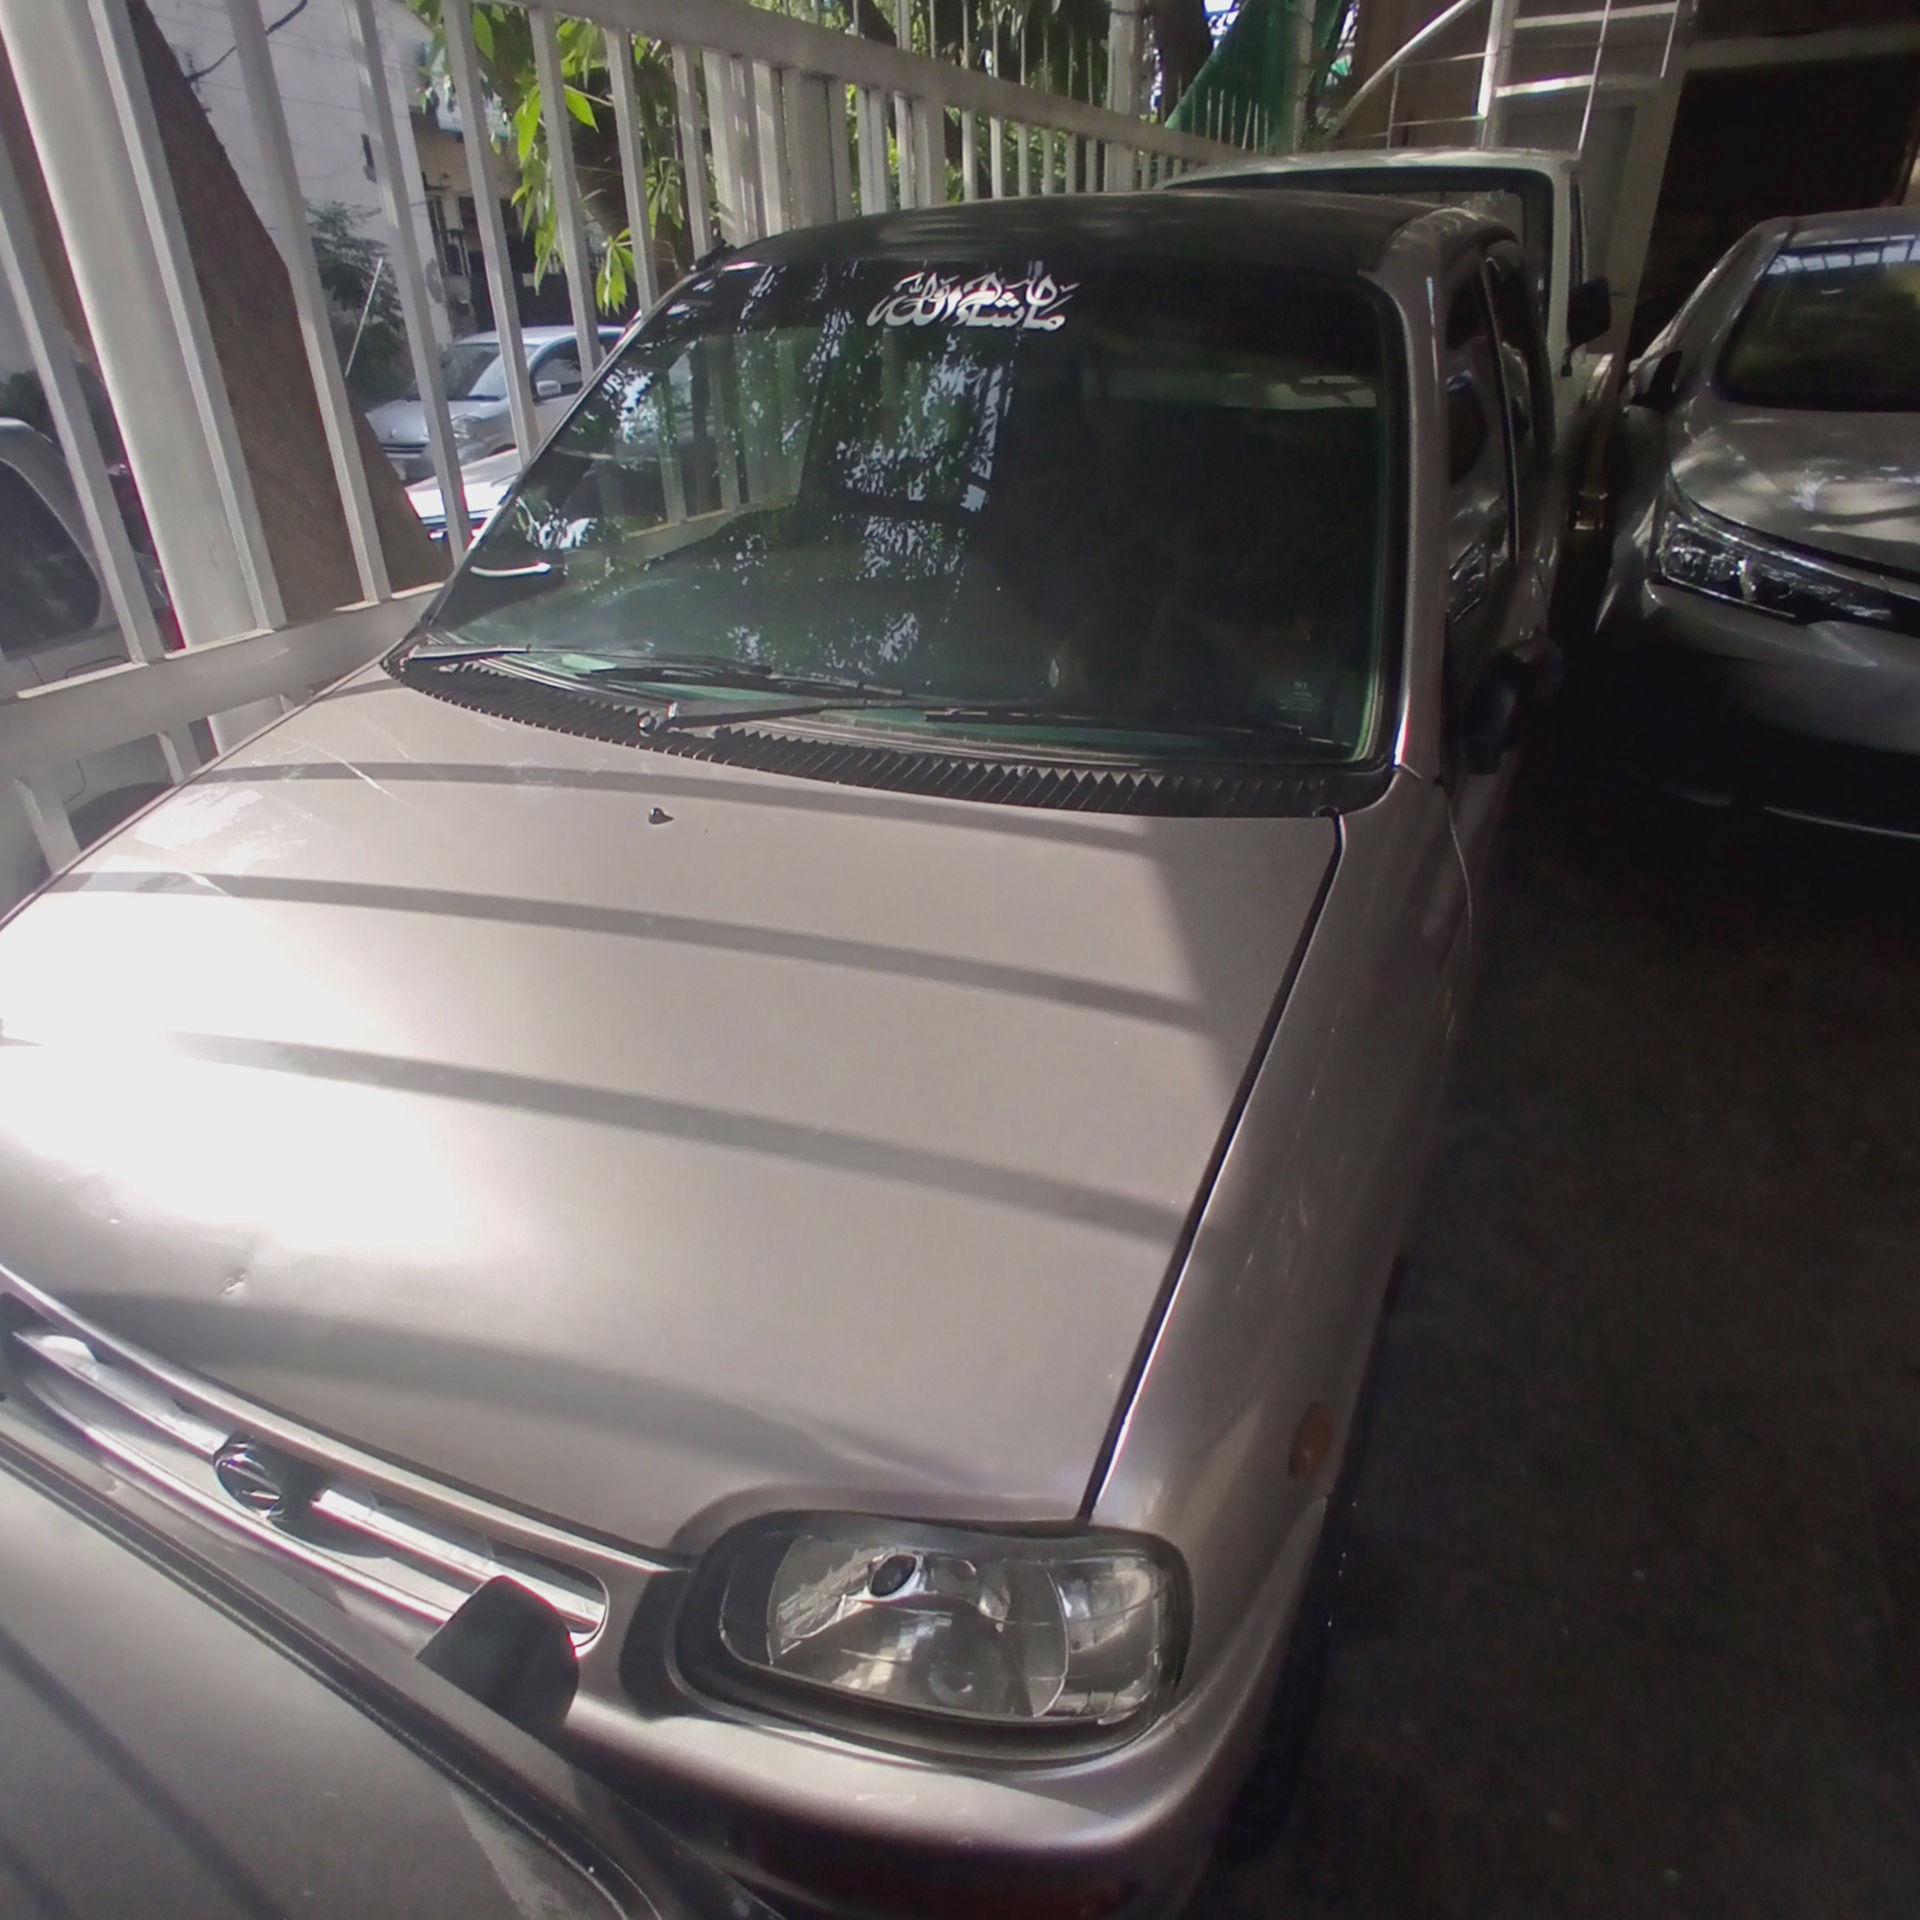 Daihatsu Cuore CX Eco 2005